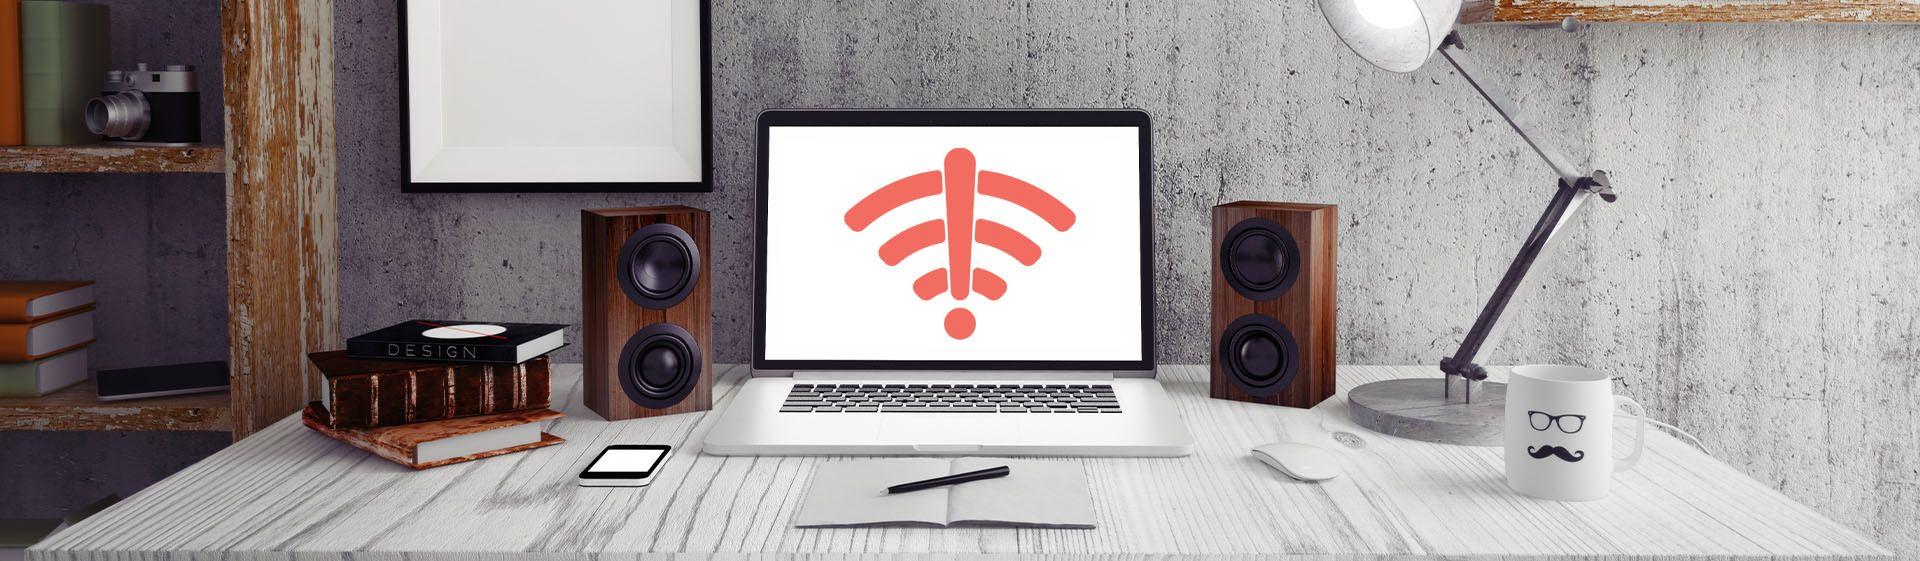 Notebook não conecta ao Wi-Fi? Veja possíveis causas e soluções